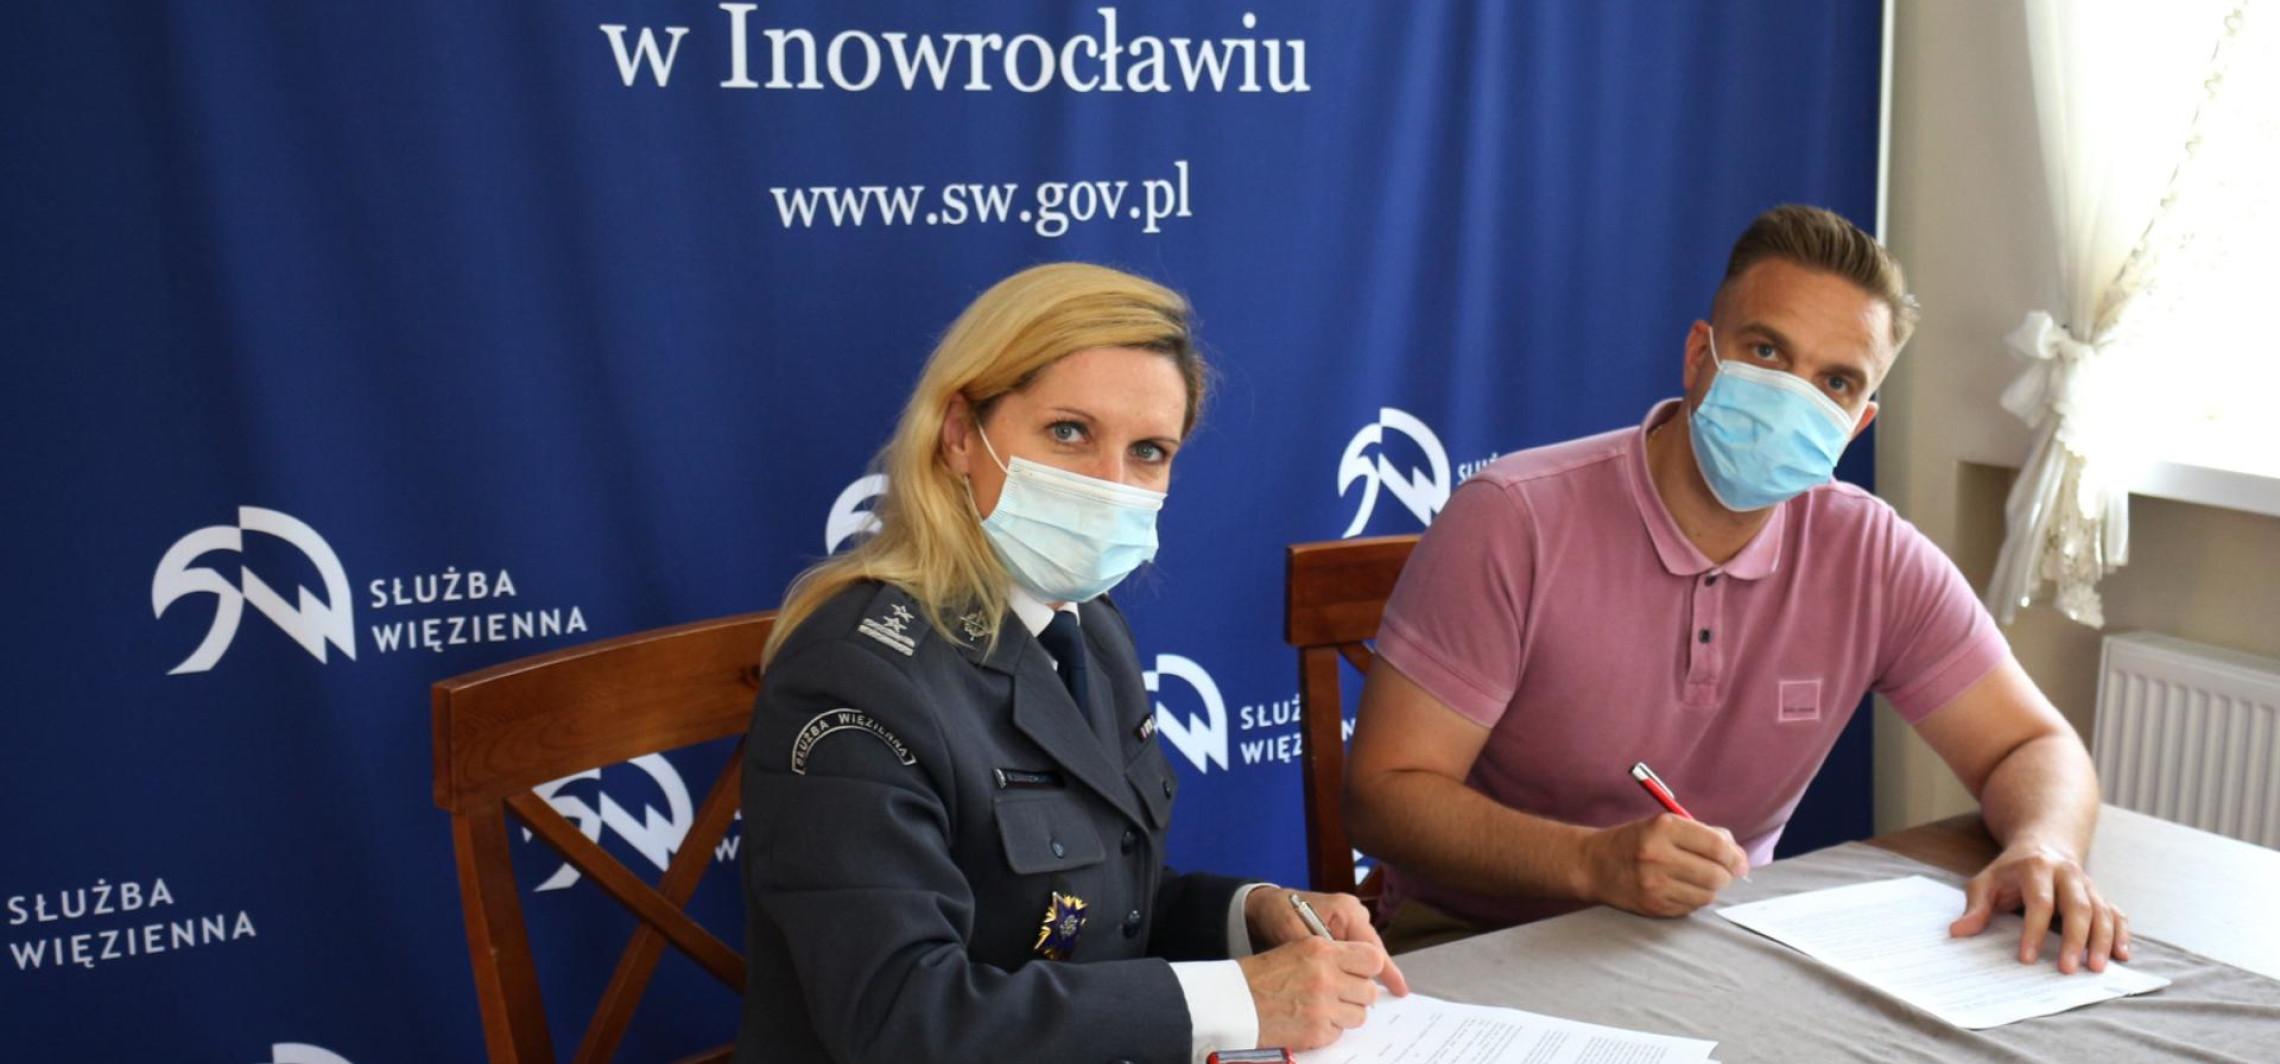 Inowrocław - Więźniowie znajdą zatrudnienie w kolejnej firmie